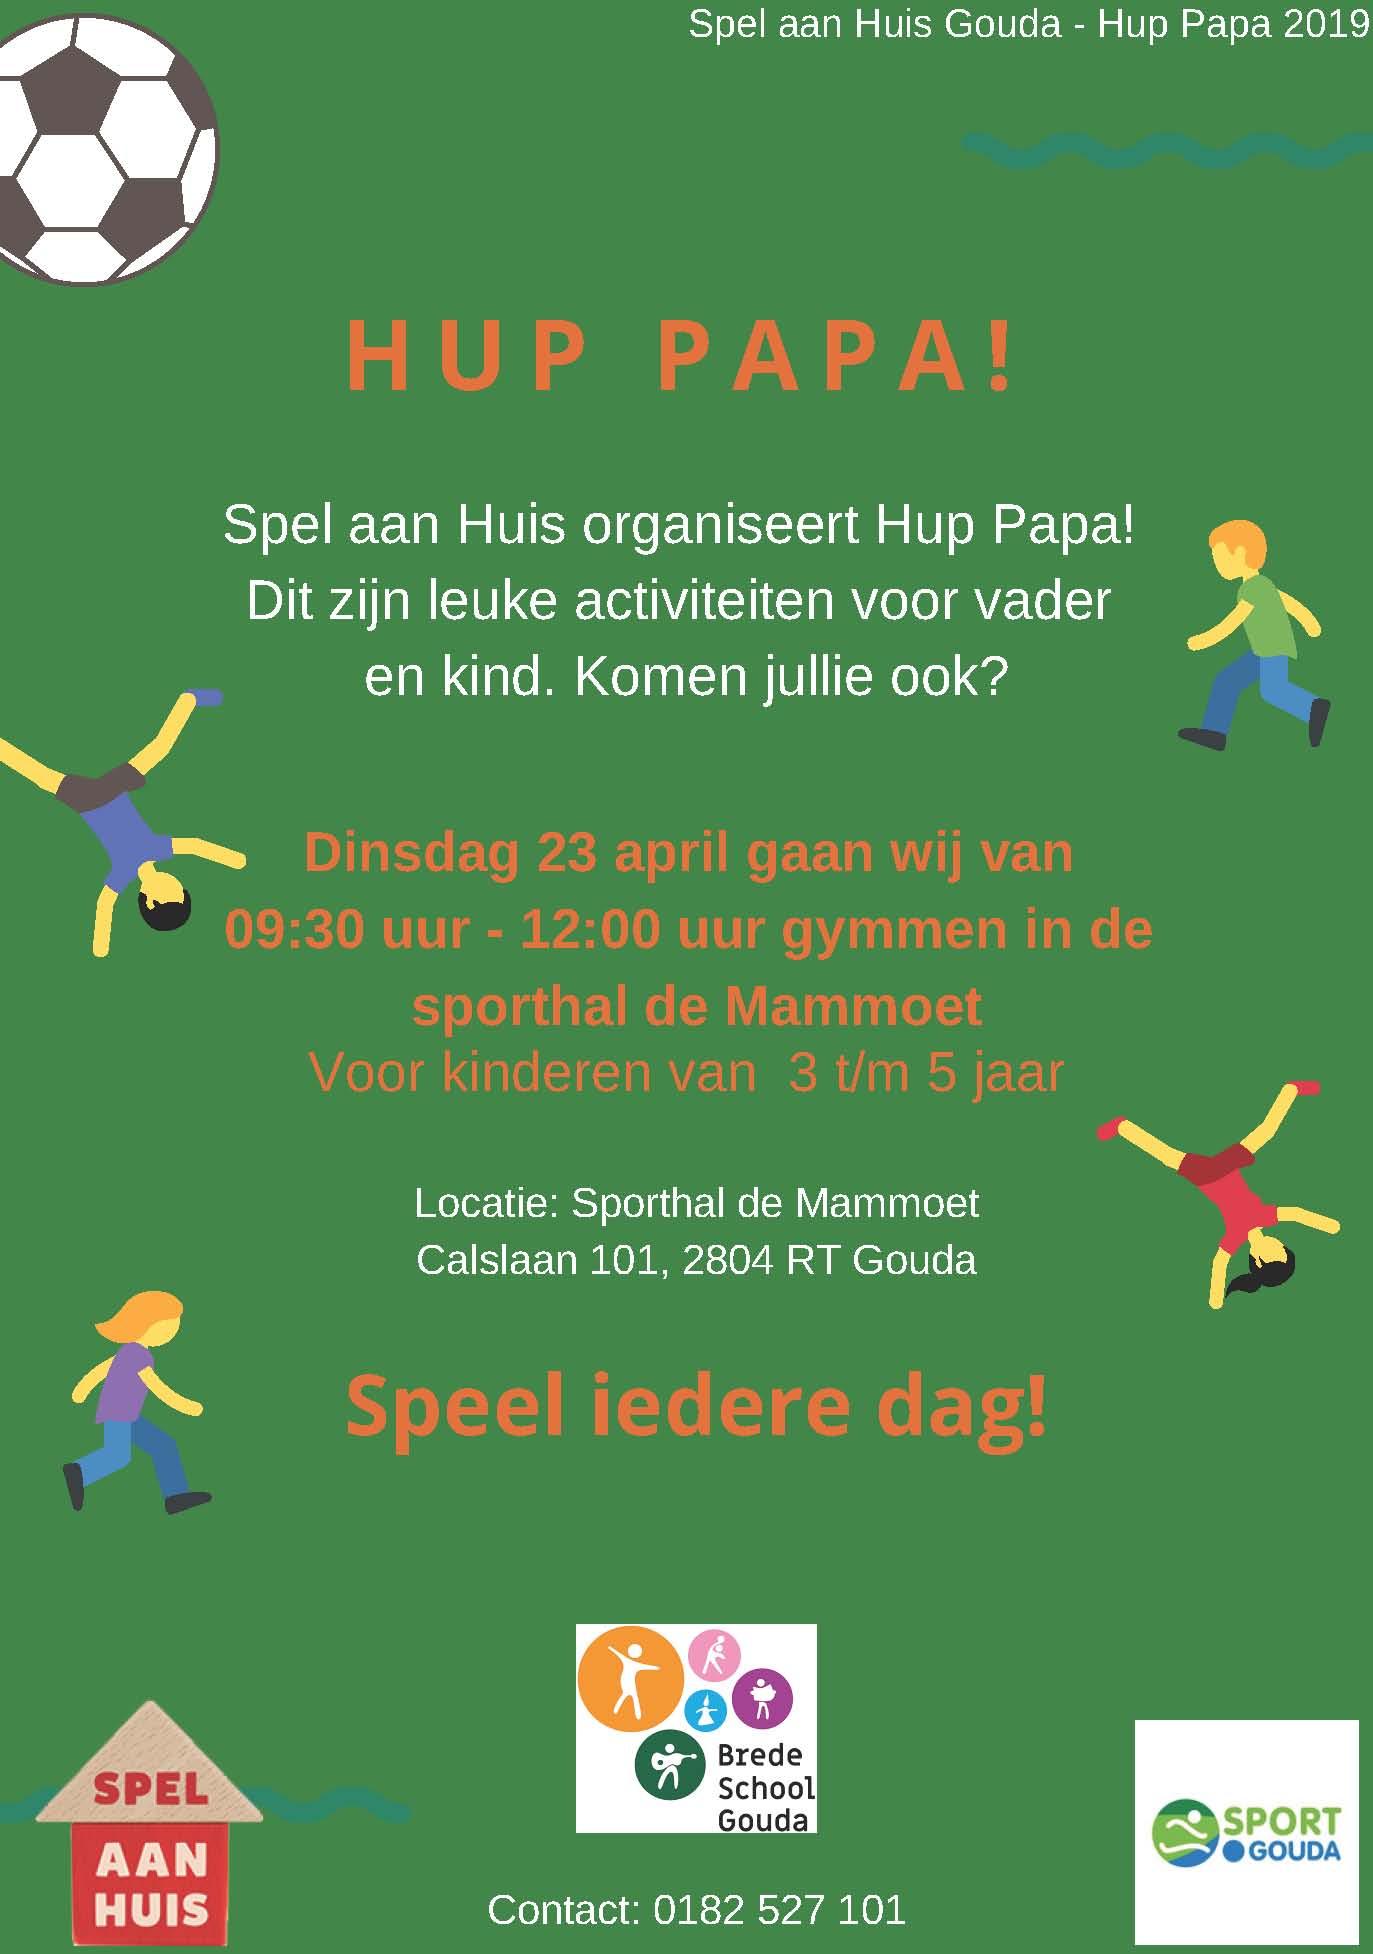 Hup Papa